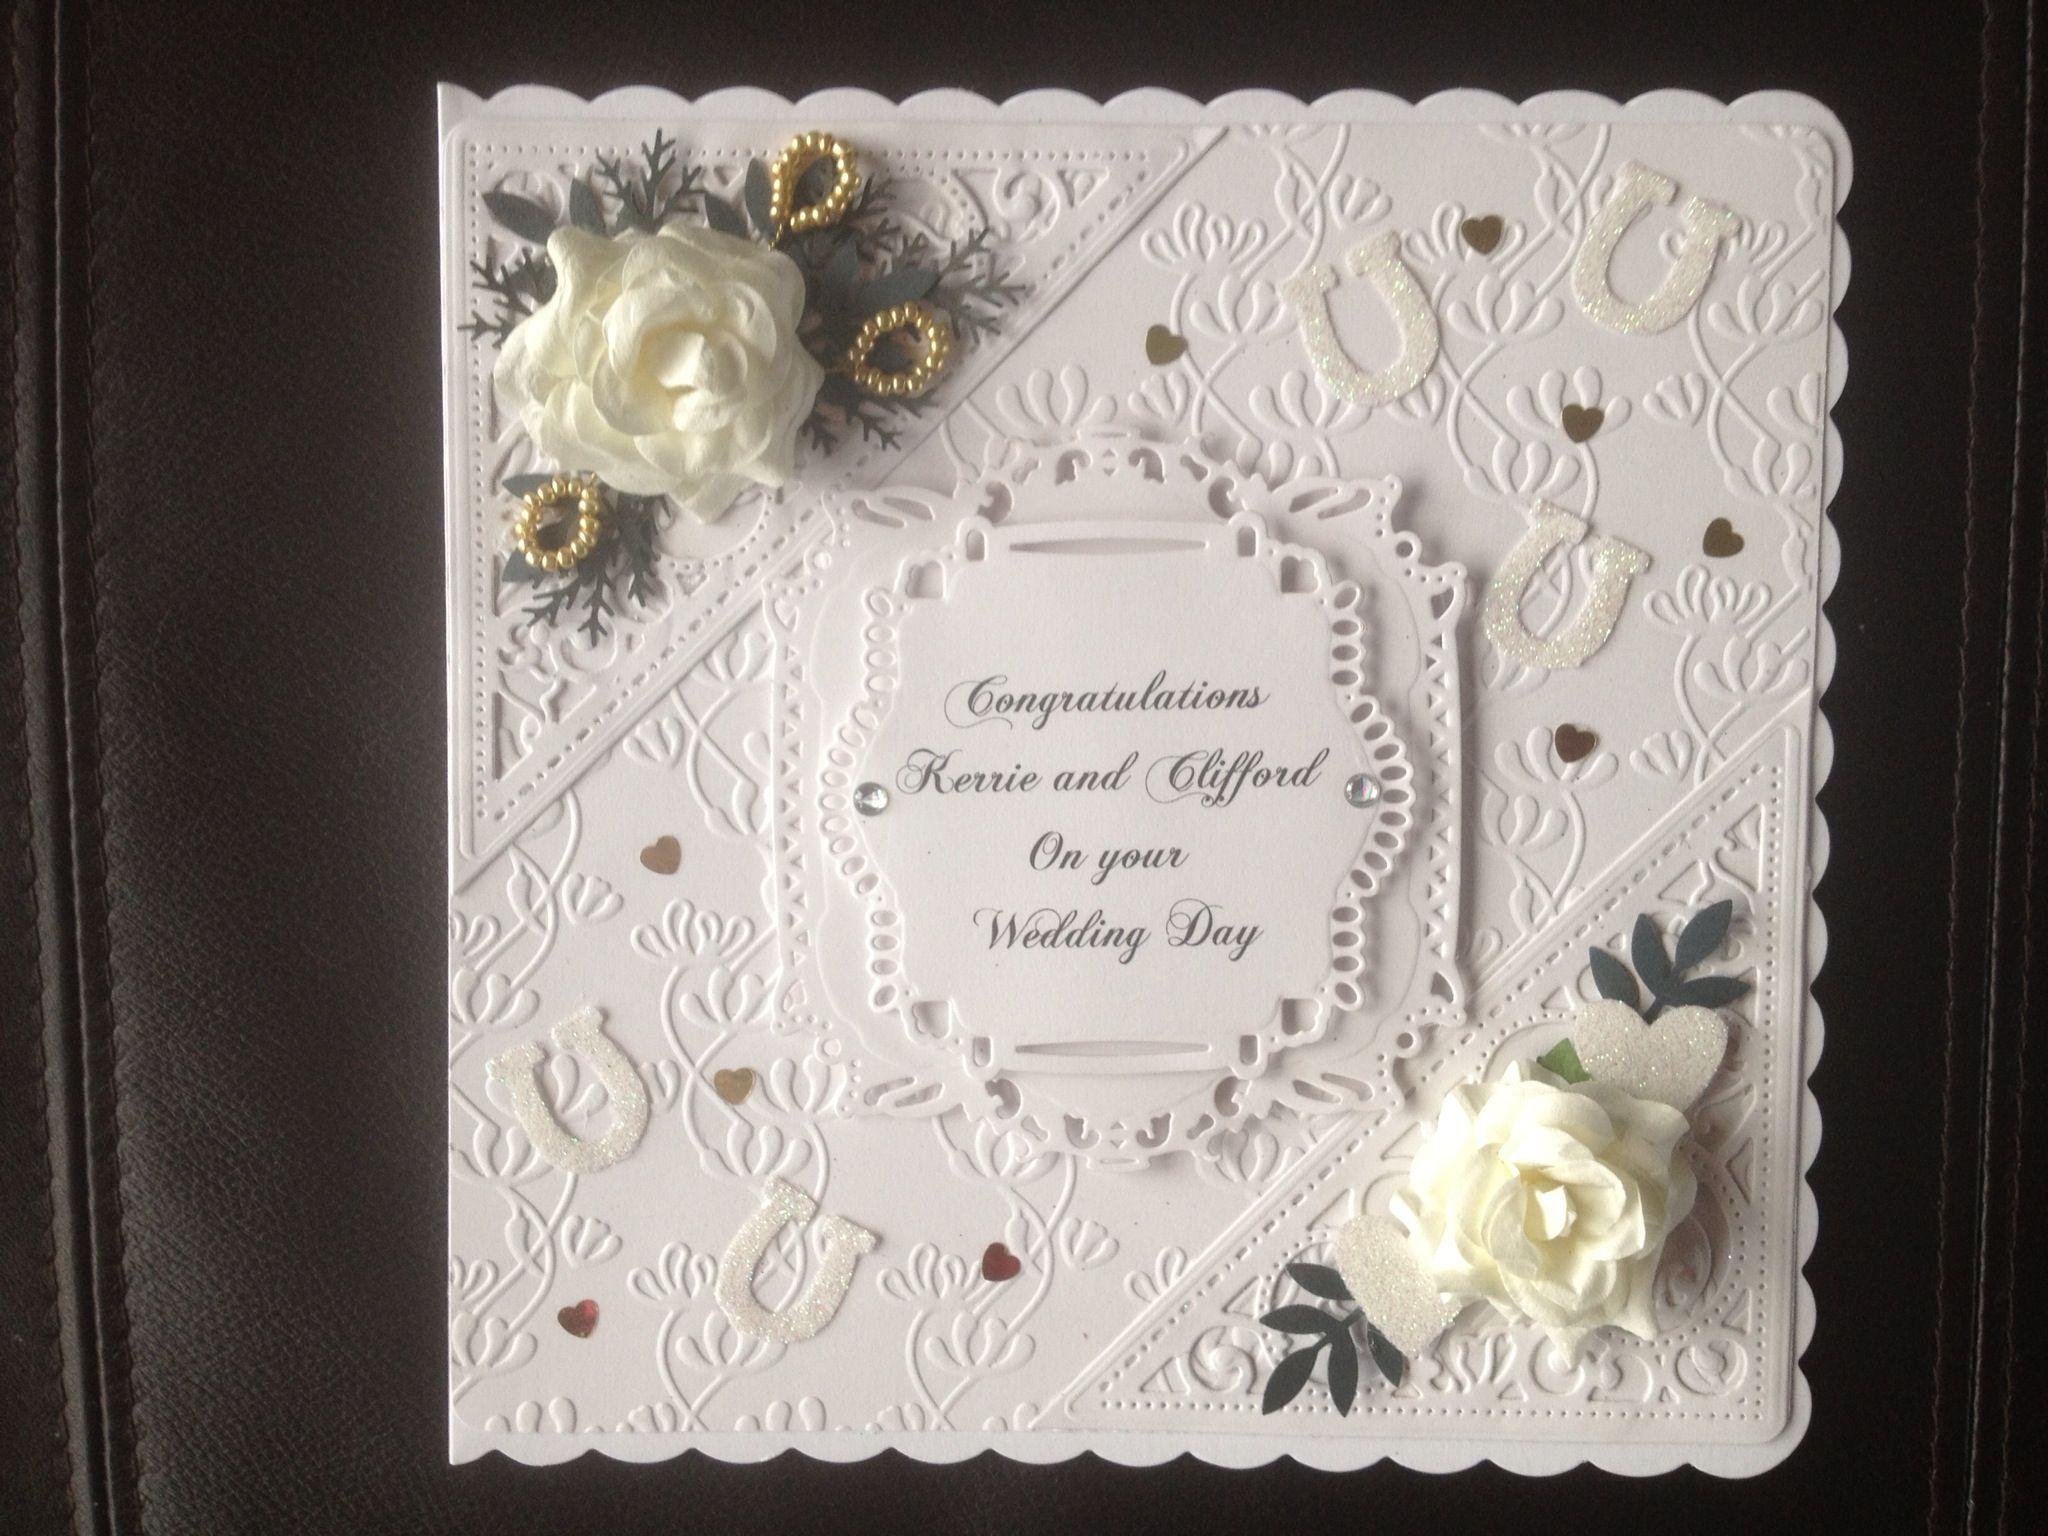 Spellbinders wedding card cartes mariage wedding cards spellbinders wedding card stopboris Images